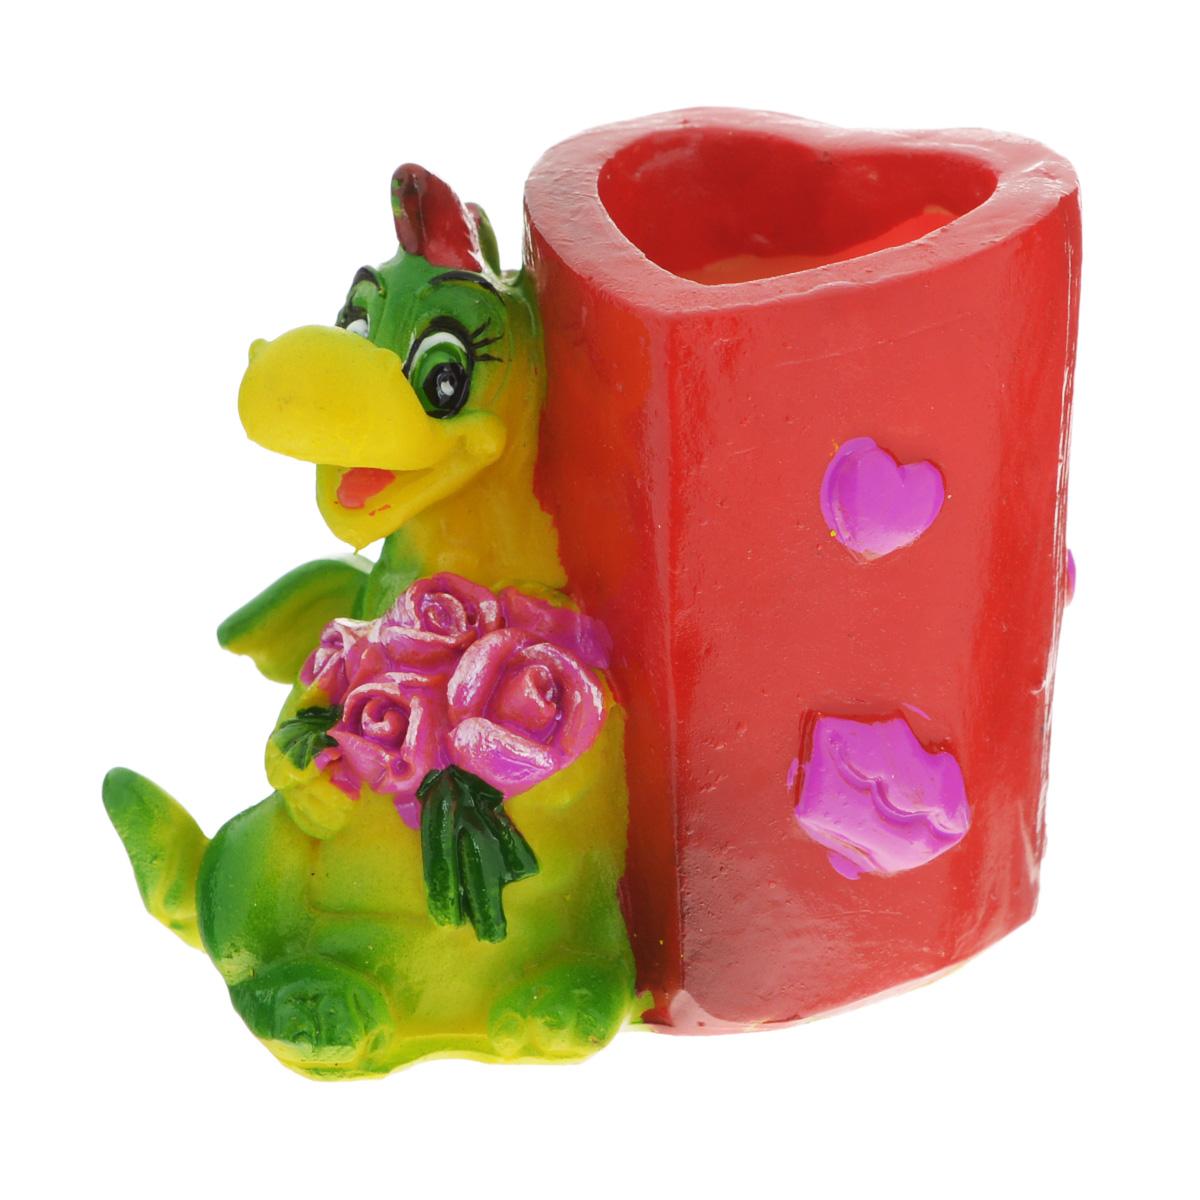 Подставка декоративная под зубочистки Lunten Ranta Влюбленный дракон. Сердце и цветы59873Декоративная подставка под зубочистки Lunten Ranta Влюбленный дракон. Сердце и цветы, изготовленная из полирезины и выполненная в виде композиции из обаятельного дракона и стакана, непременно украсит ваш стол. Емкость, куда вставляются зубочистки, выполнена в форме сердца. Такая подставка станет оригинальным украшением стола и подчеркнет вкус хозяйки. Размер подставки: 5 см х 3,5 см х 4,5 см. Размер стакана: 3 см х 2,5 см х 4 см.